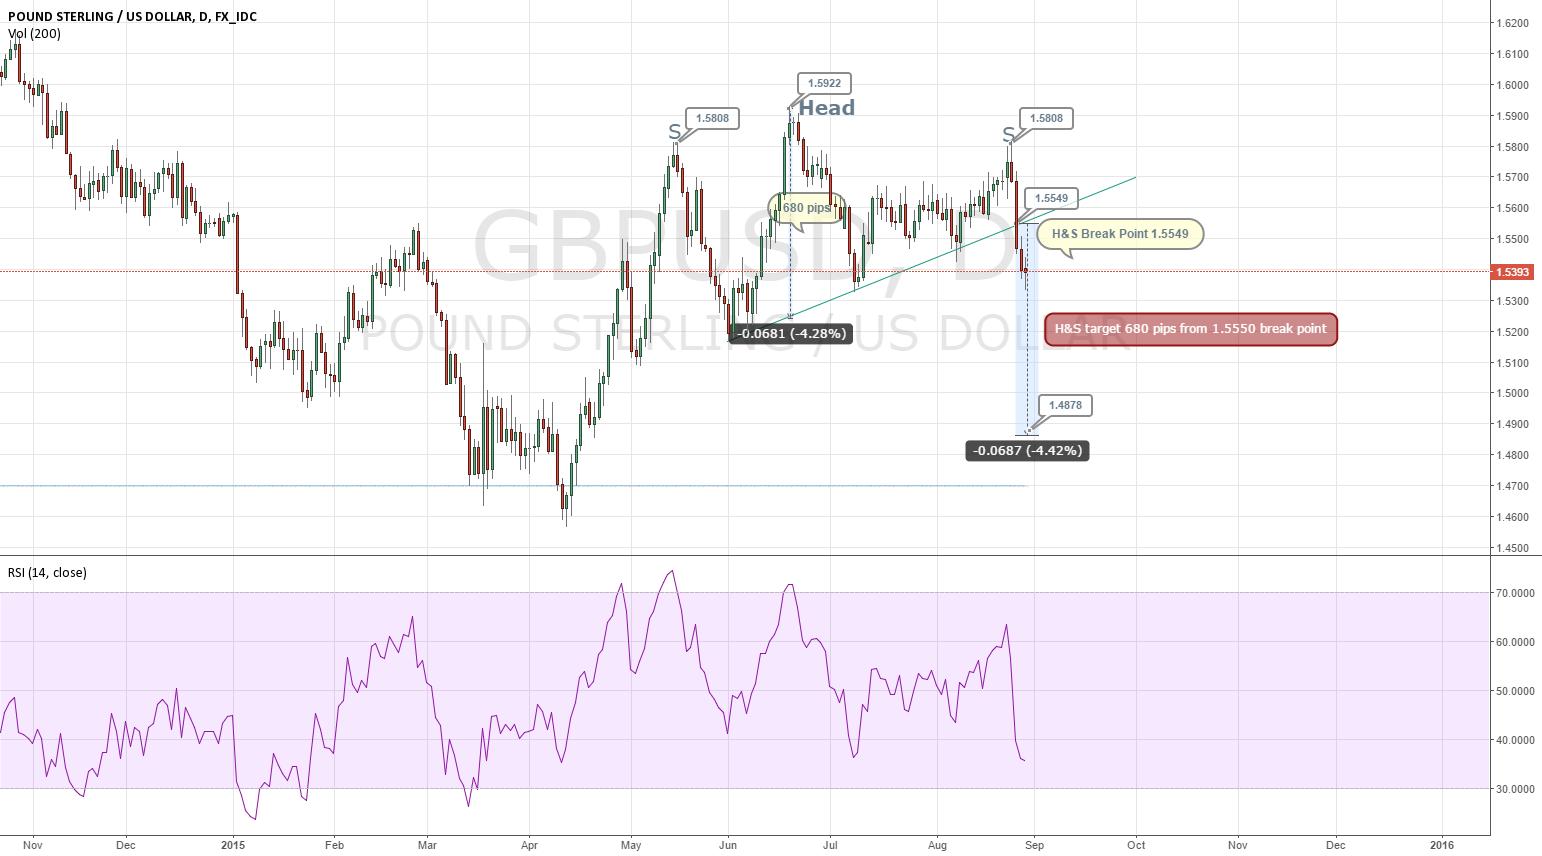 GBP Breaking Head & Shoulder pattern.. min objective 1.4880